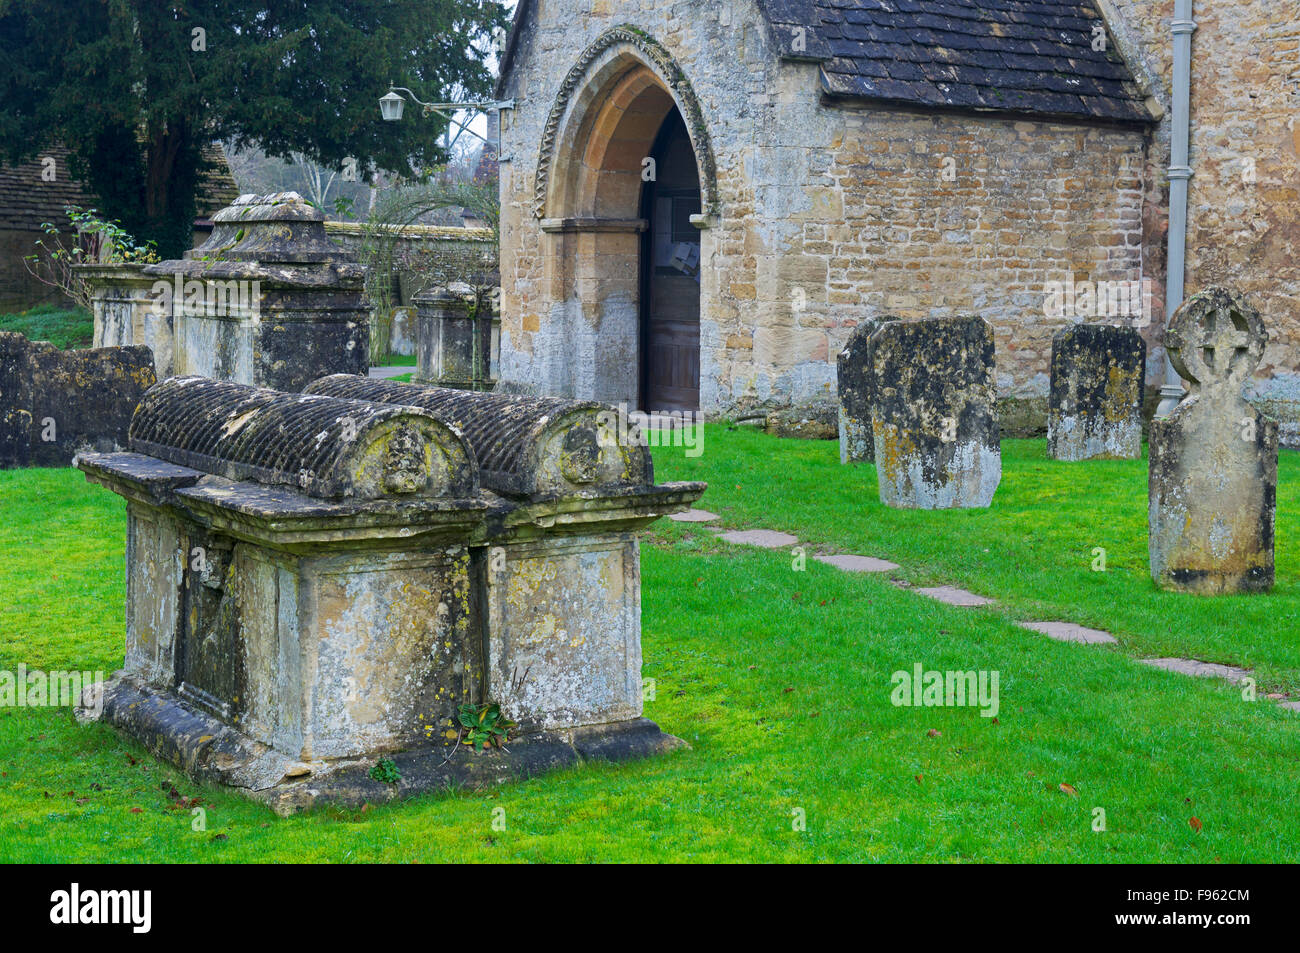 Churchyard of St Mary's Church, Bibury, Cotswolds, Gloucestershire, England UK - Stock Image